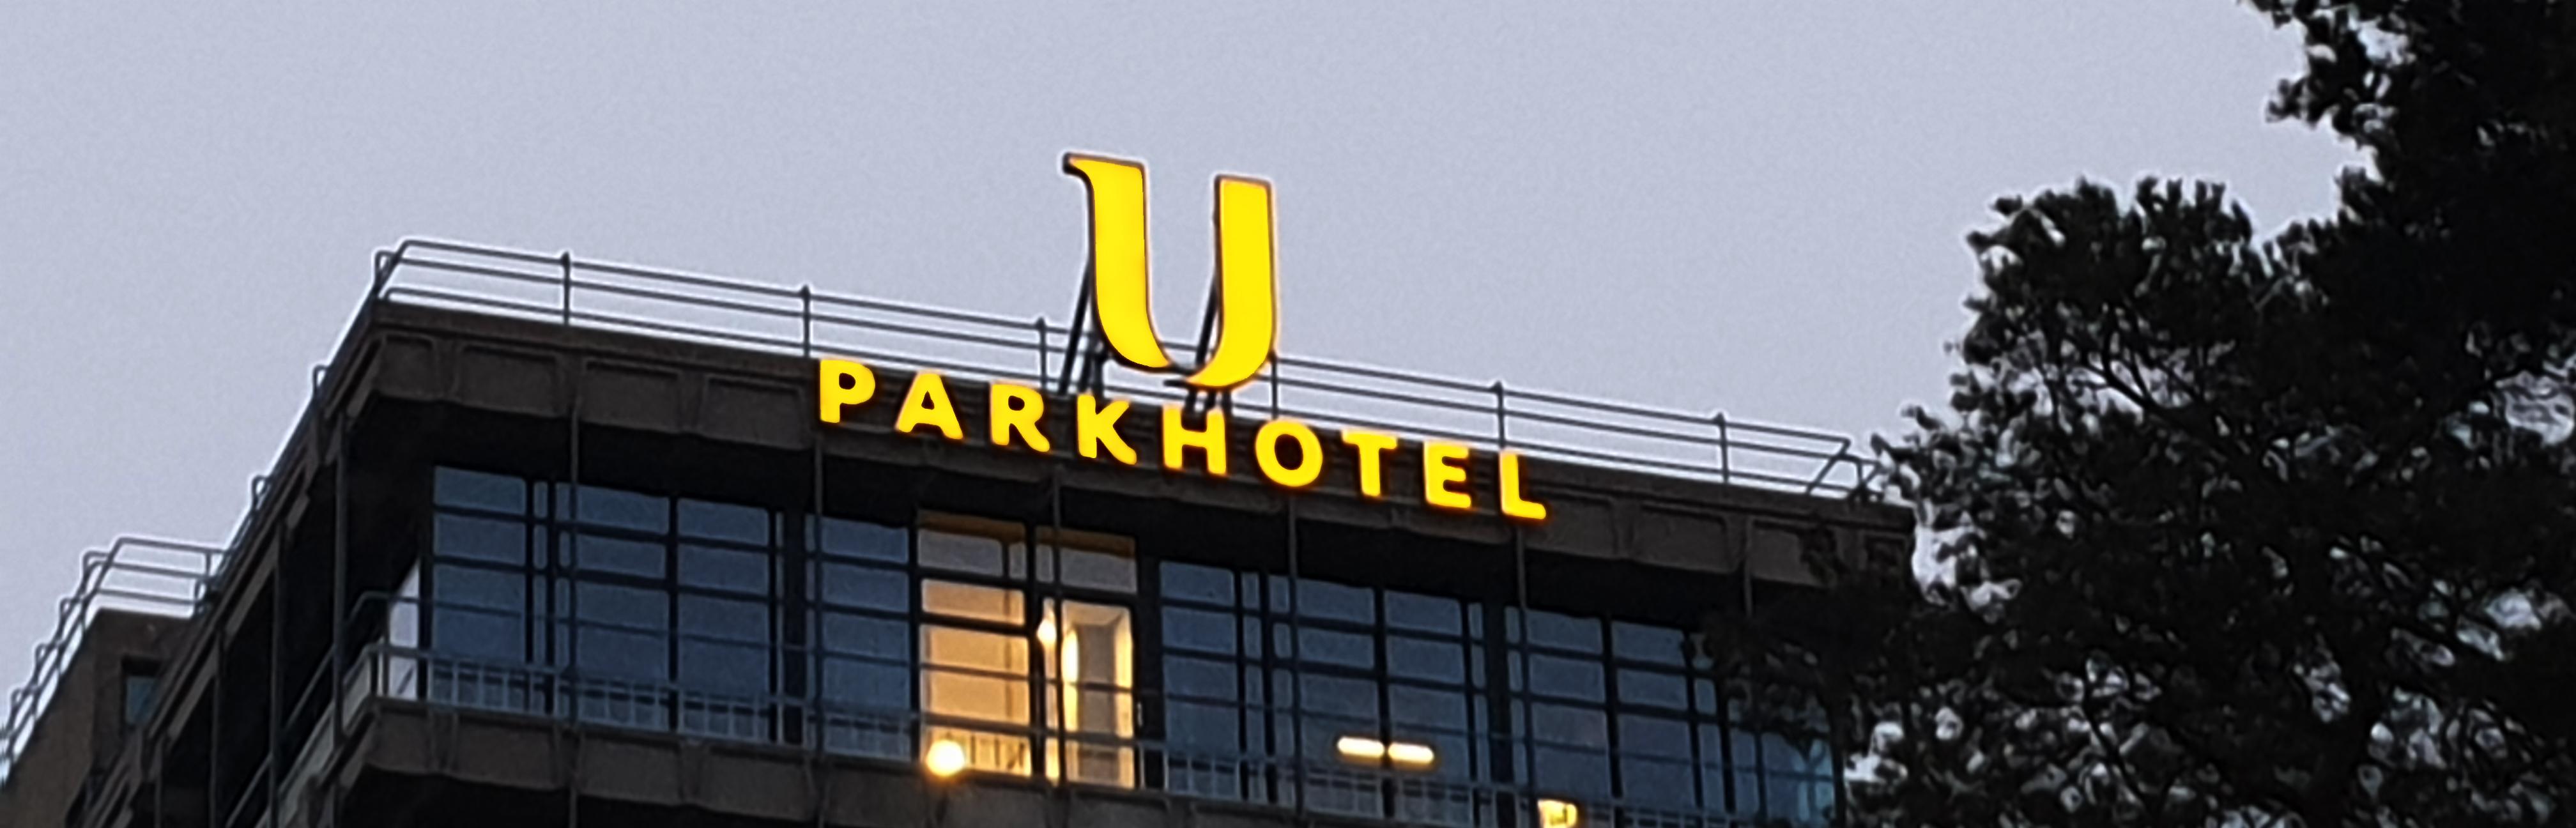 Signing op het U Parkhotel gelegen op de campus van Universiteit Twente, Enschede